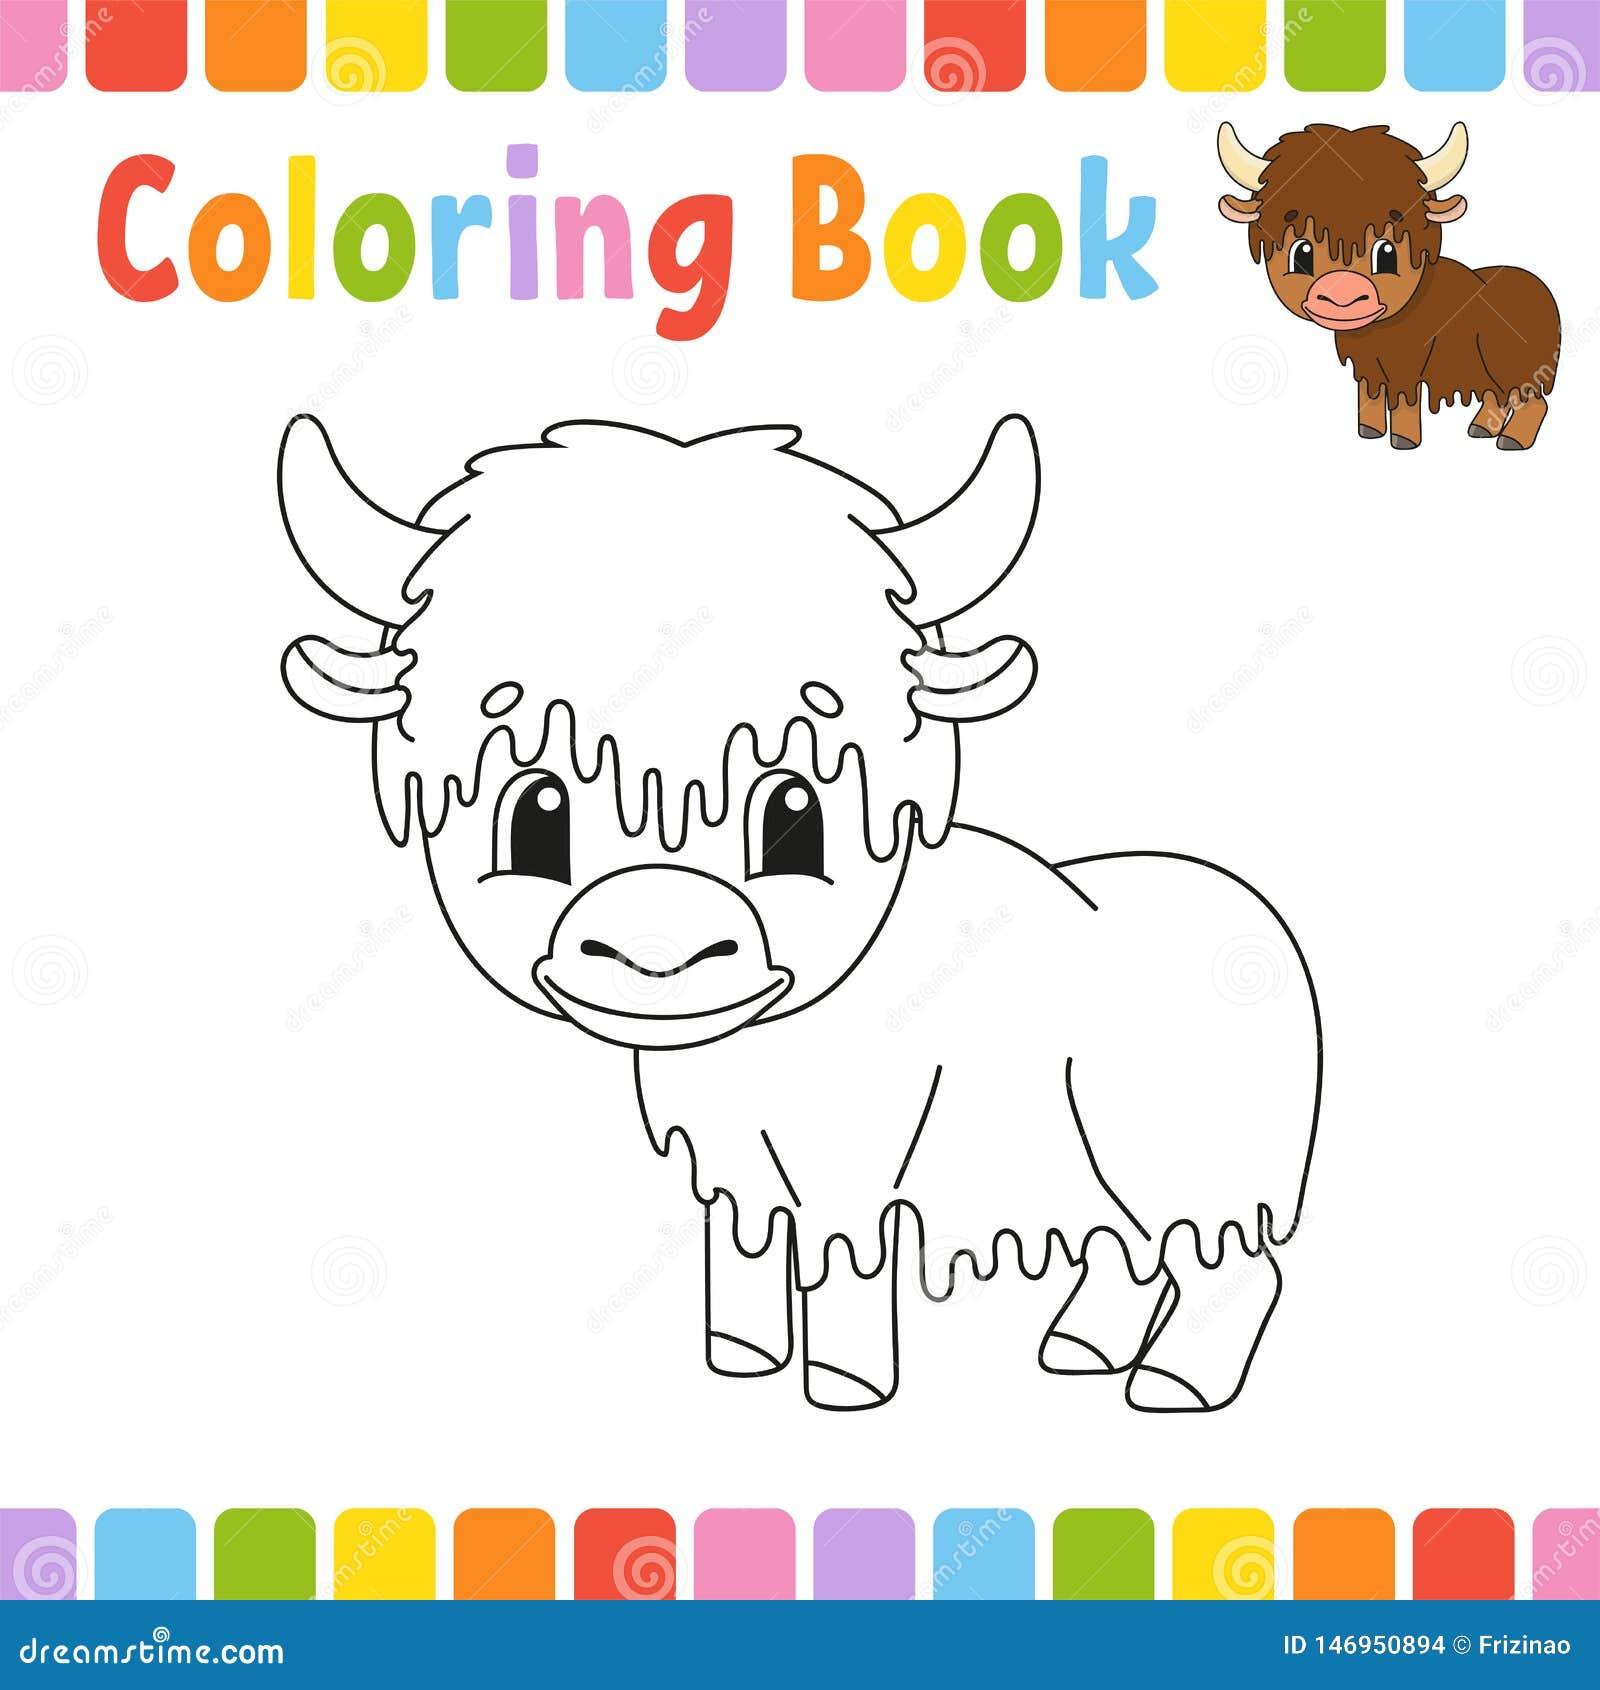 Livre de coloriage pour des enfants Caract?re gai Illustration de vecteur Style mignon de bande dessin?e Page d imagination pour